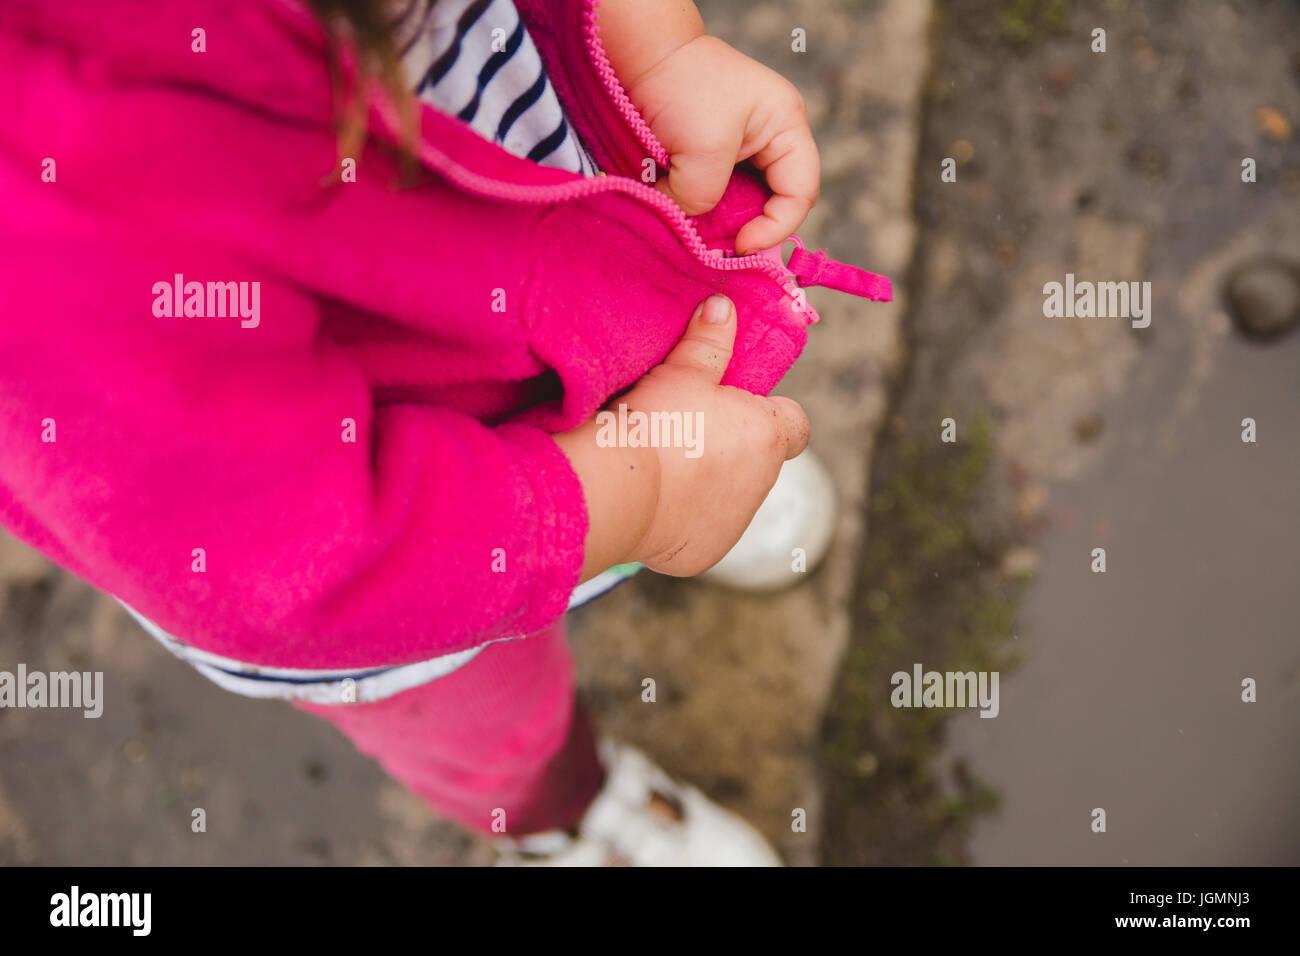 Um escorregador zipar seu casaco mãos apenas. Imagens de Stock